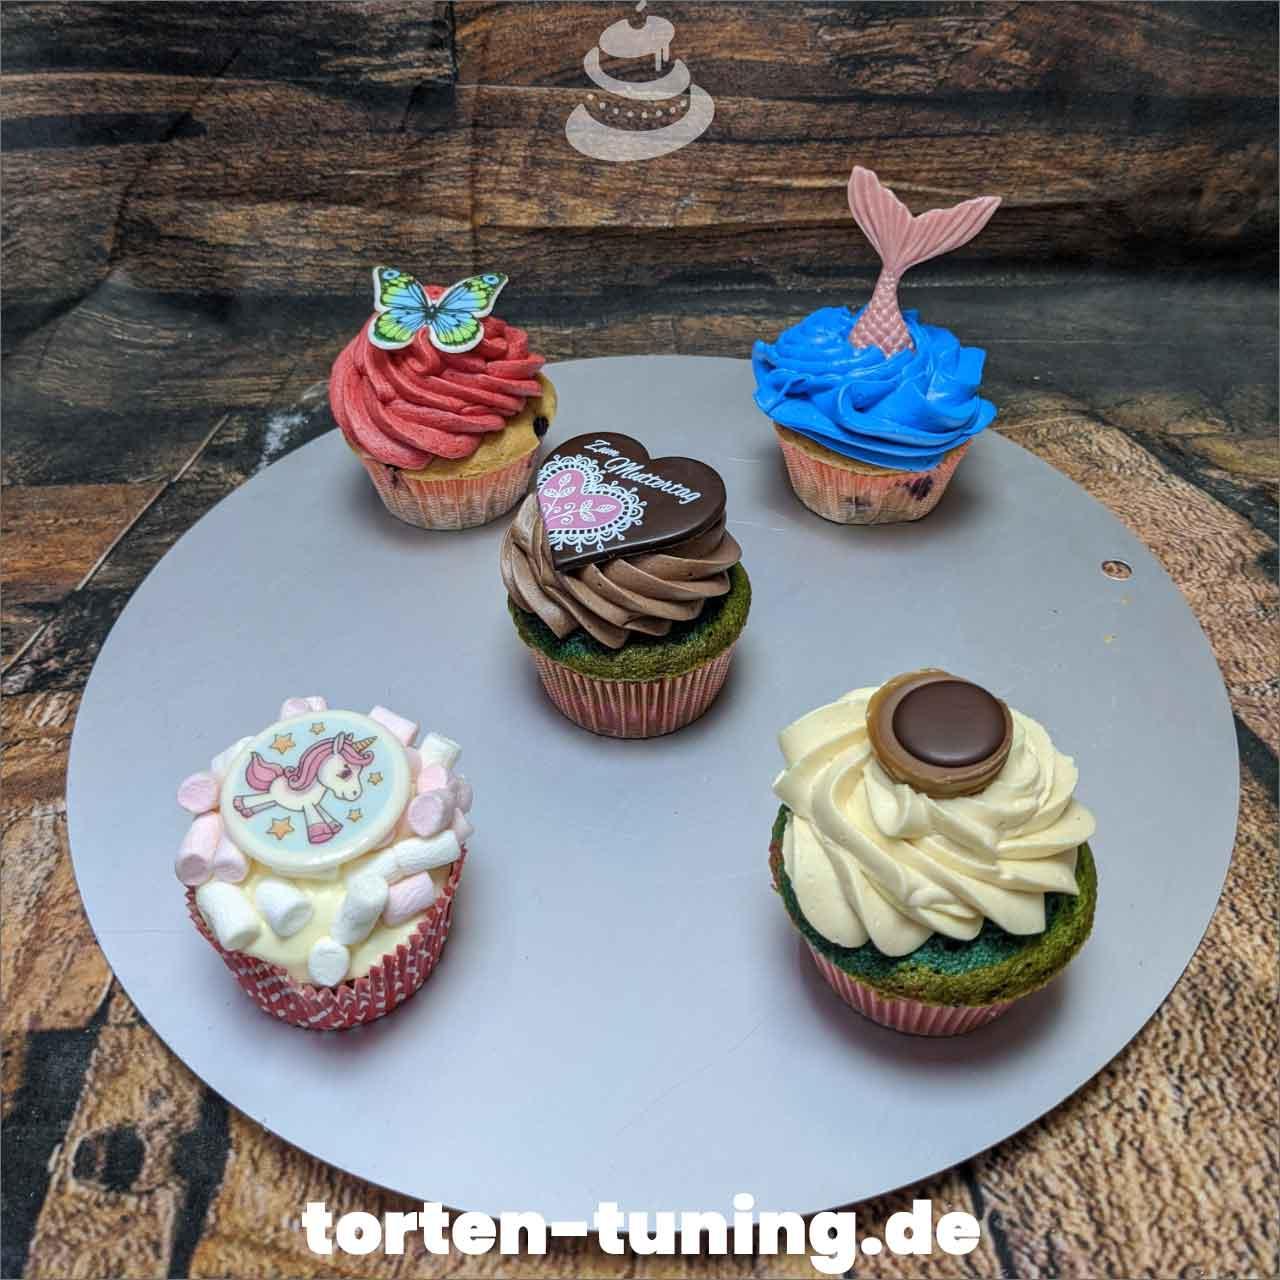 Cupcakes Dripcake Obsttorte Geburtstagstorte Motivtorte Torte Tortendekoration Torte online bestellen Suhl Thüringen Torten Tuning Sahnetorte Tortenfiguren Cake Topper